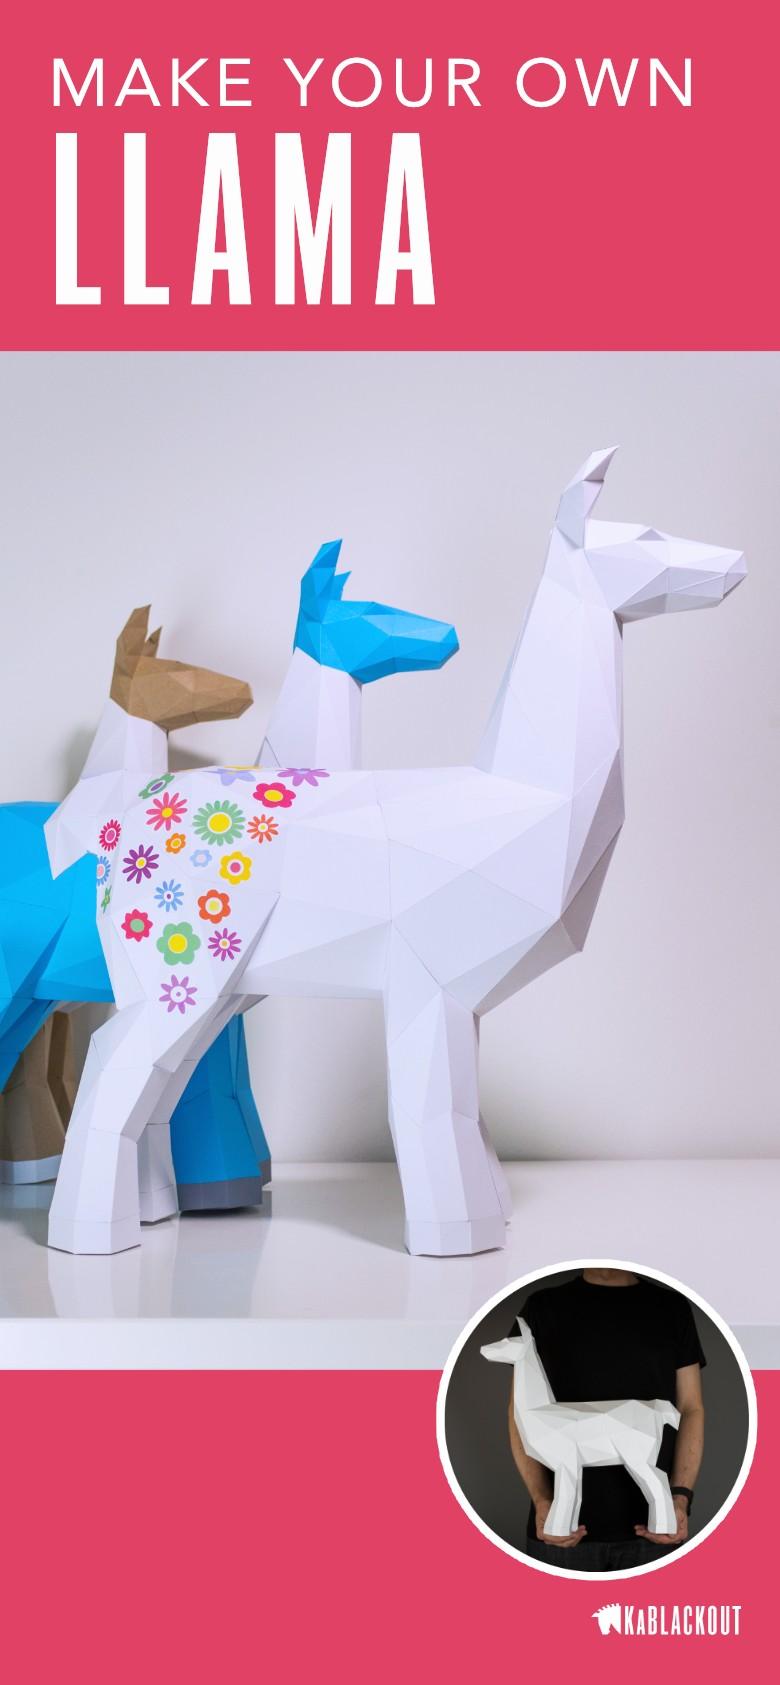 Life Size Papercraft Llama Papercraft Low Poly Llama Paper Llama Craft Llama Lover